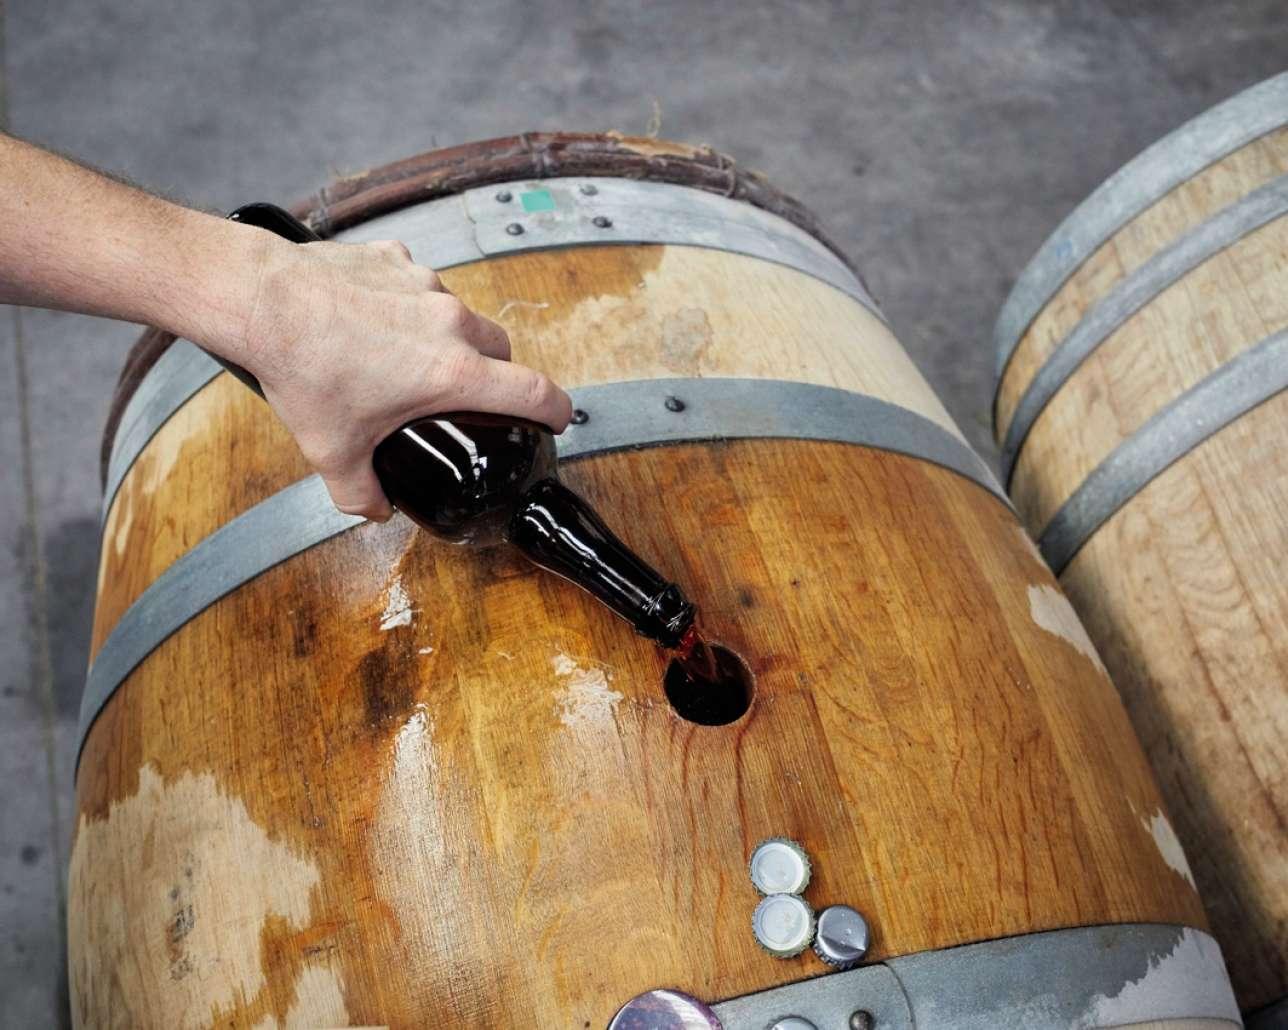 L'élévage en fût de chêne nécessite de recourir à l'ouillage,consistantà ajouter du liquide pour compenser l'évaporation.